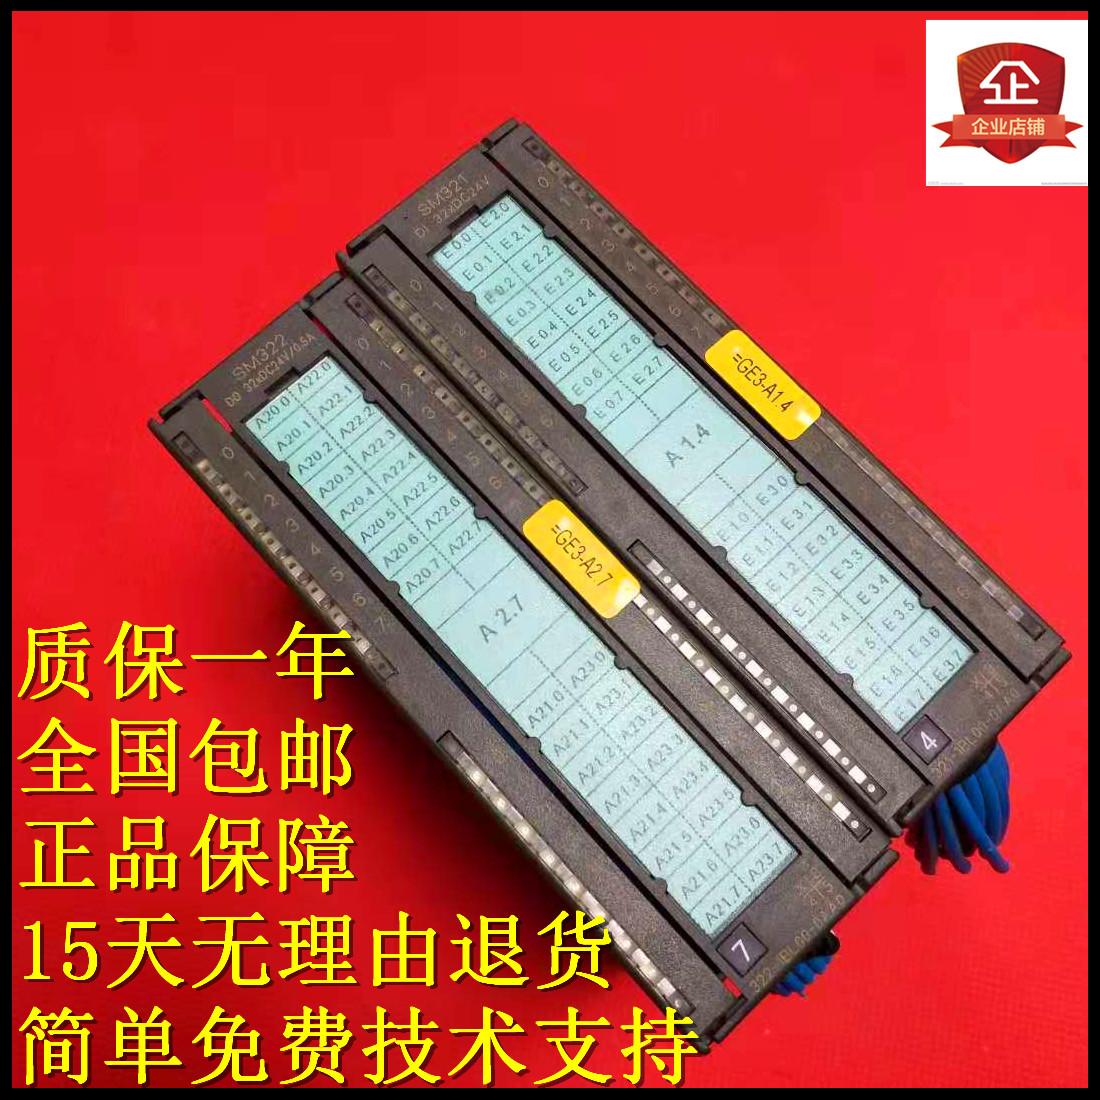 二手西门子模块 6ES7 322-1BL00-0AA0/6ES7 321-1BL00-0AA0可回收